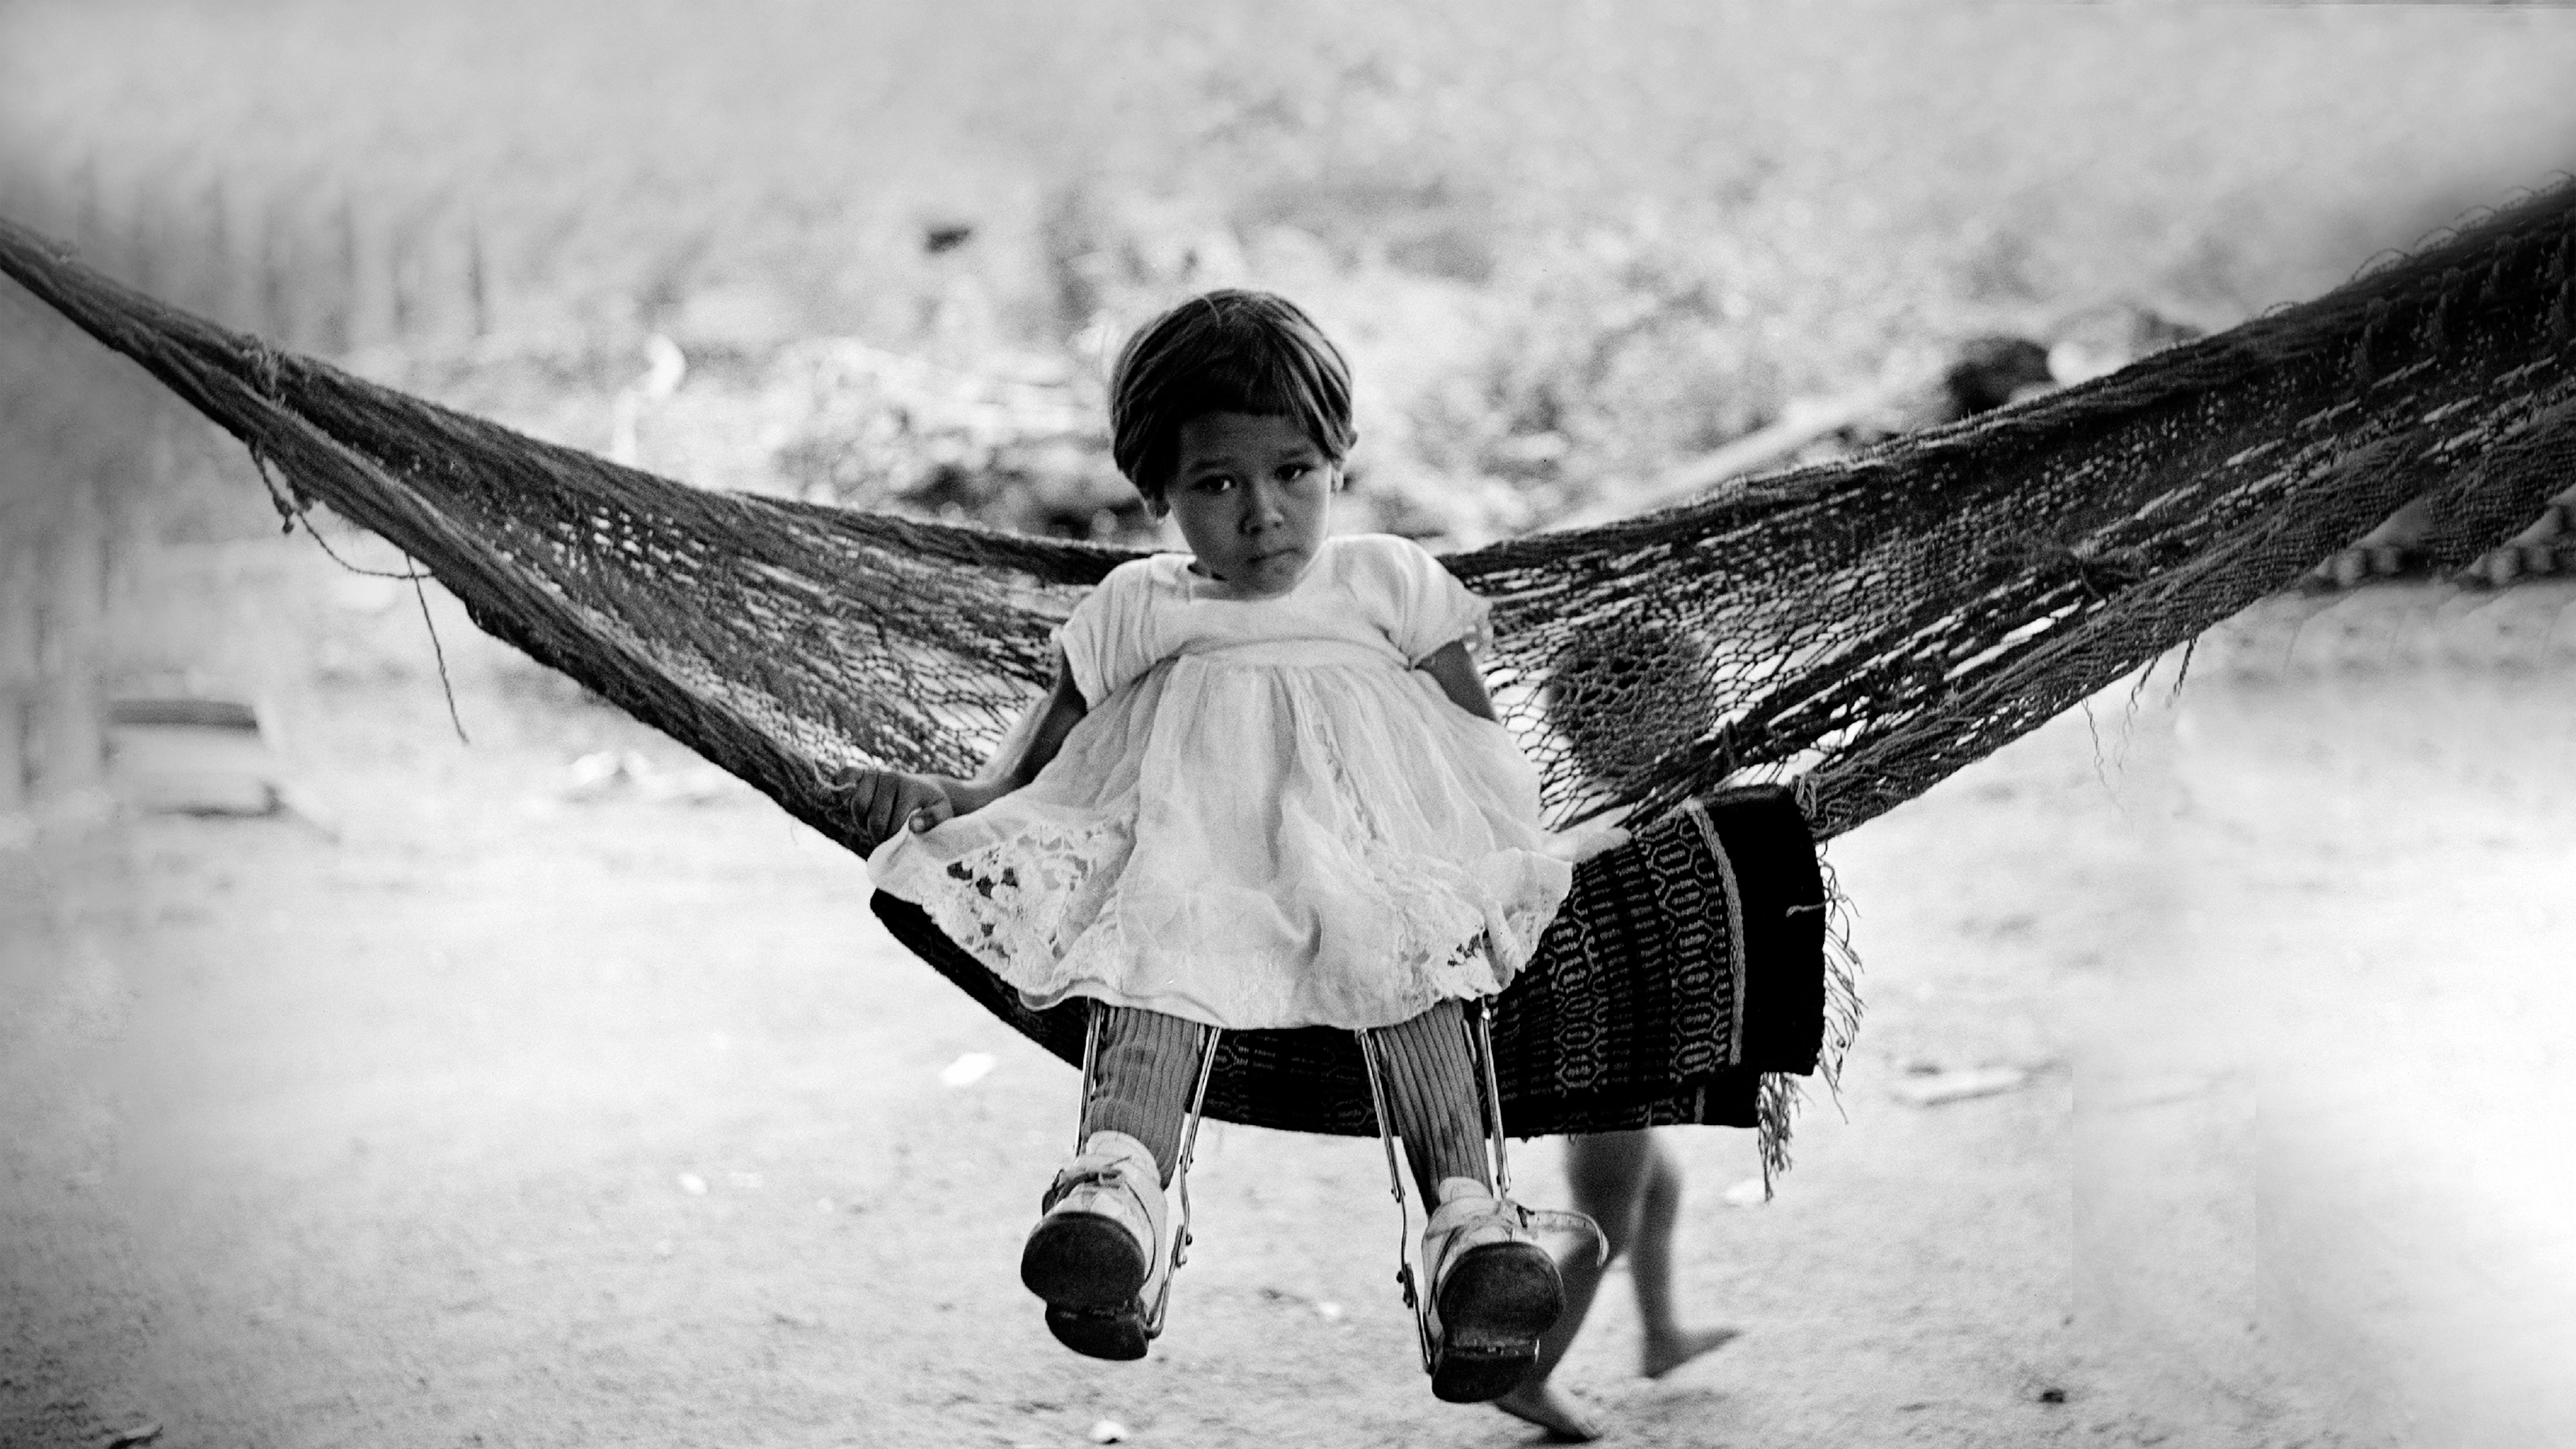 Messico, 1960: Concepcion Uribe, 3 anni, indossa tutori per le gambe per sostenere i suoi arti indeboliti dalla poliomielite